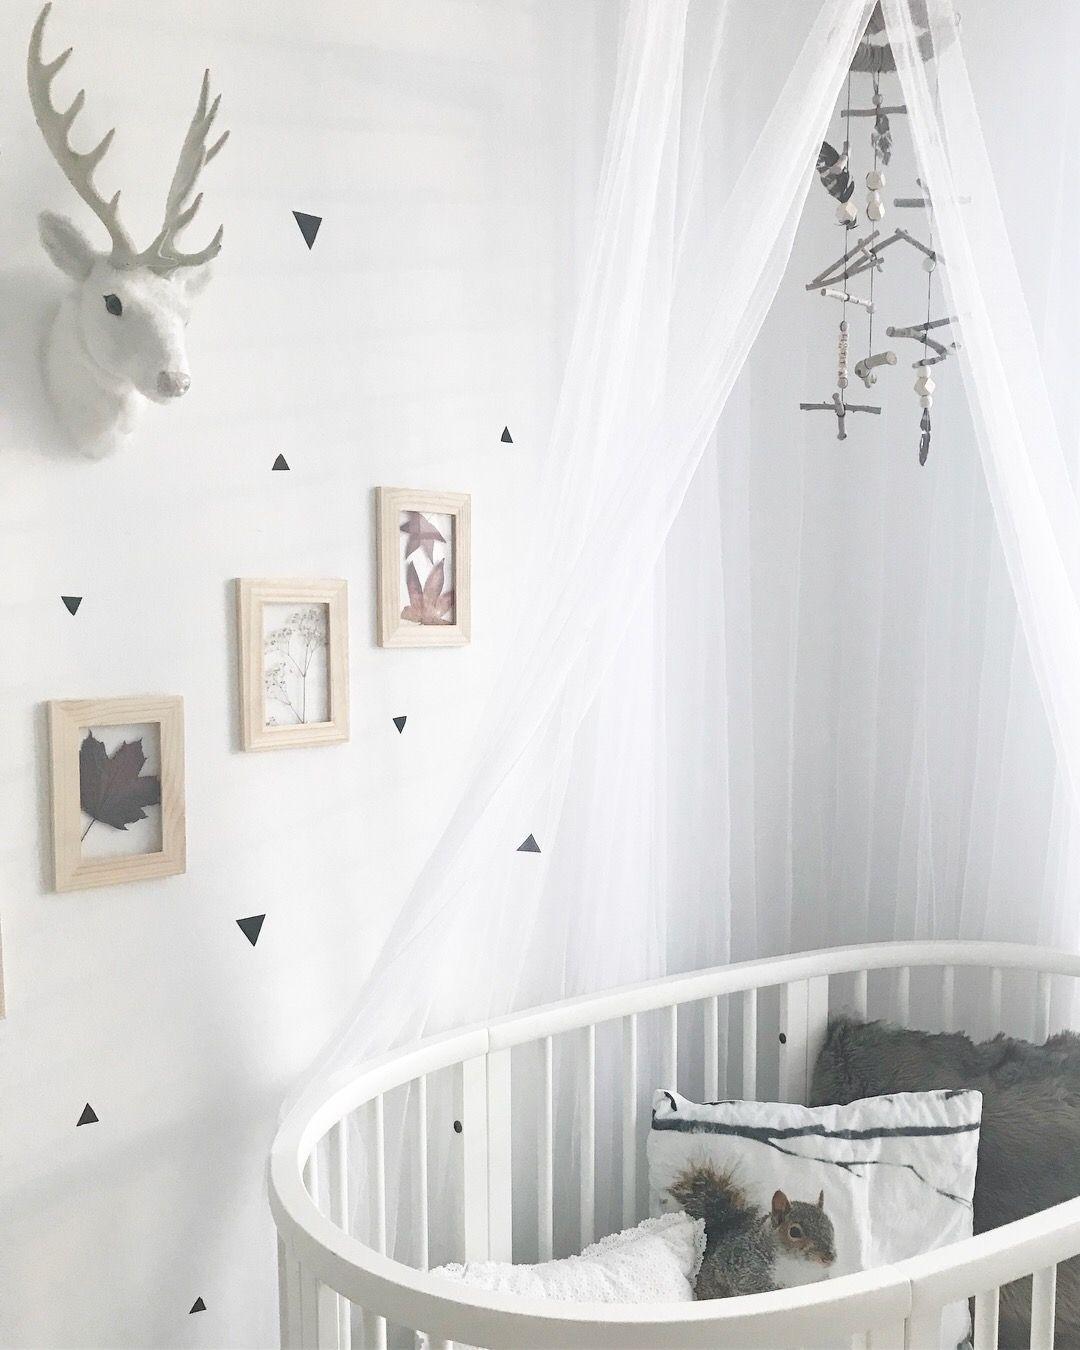 Kinderzimmer Babyzimmer Stokke Stokkesleepi Herbstdeko Kinderzimmerdeko Mobile Naturtone Holz Unisex Unisexkinderzimme Kinder Zimmer Kinderzimmer Madchenzimmer